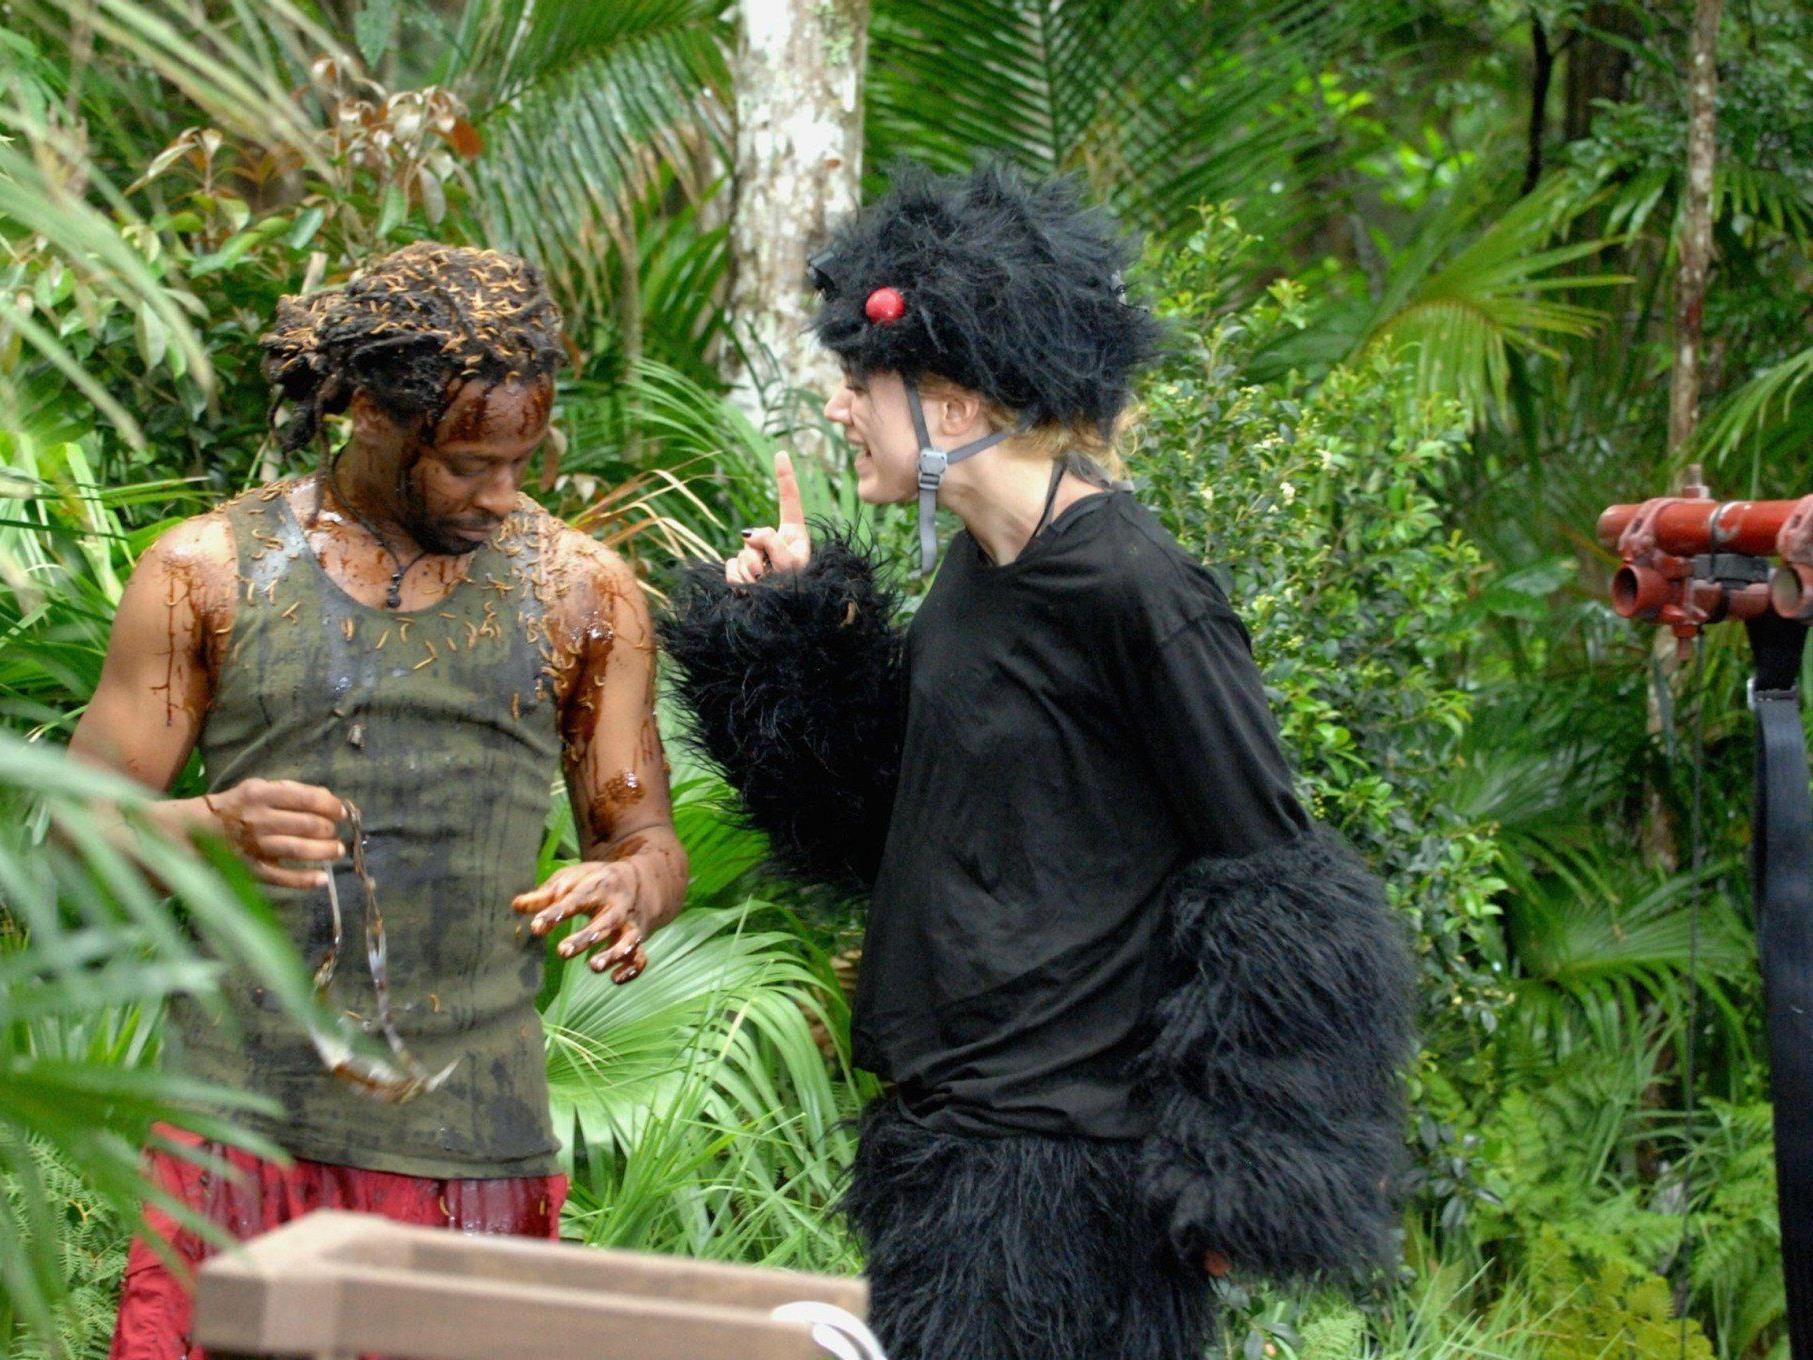 Dschungelcamp 2014: Nach der abgrebrochenen Dschungelprüfung liegen die Nerven bei Larissa blank.